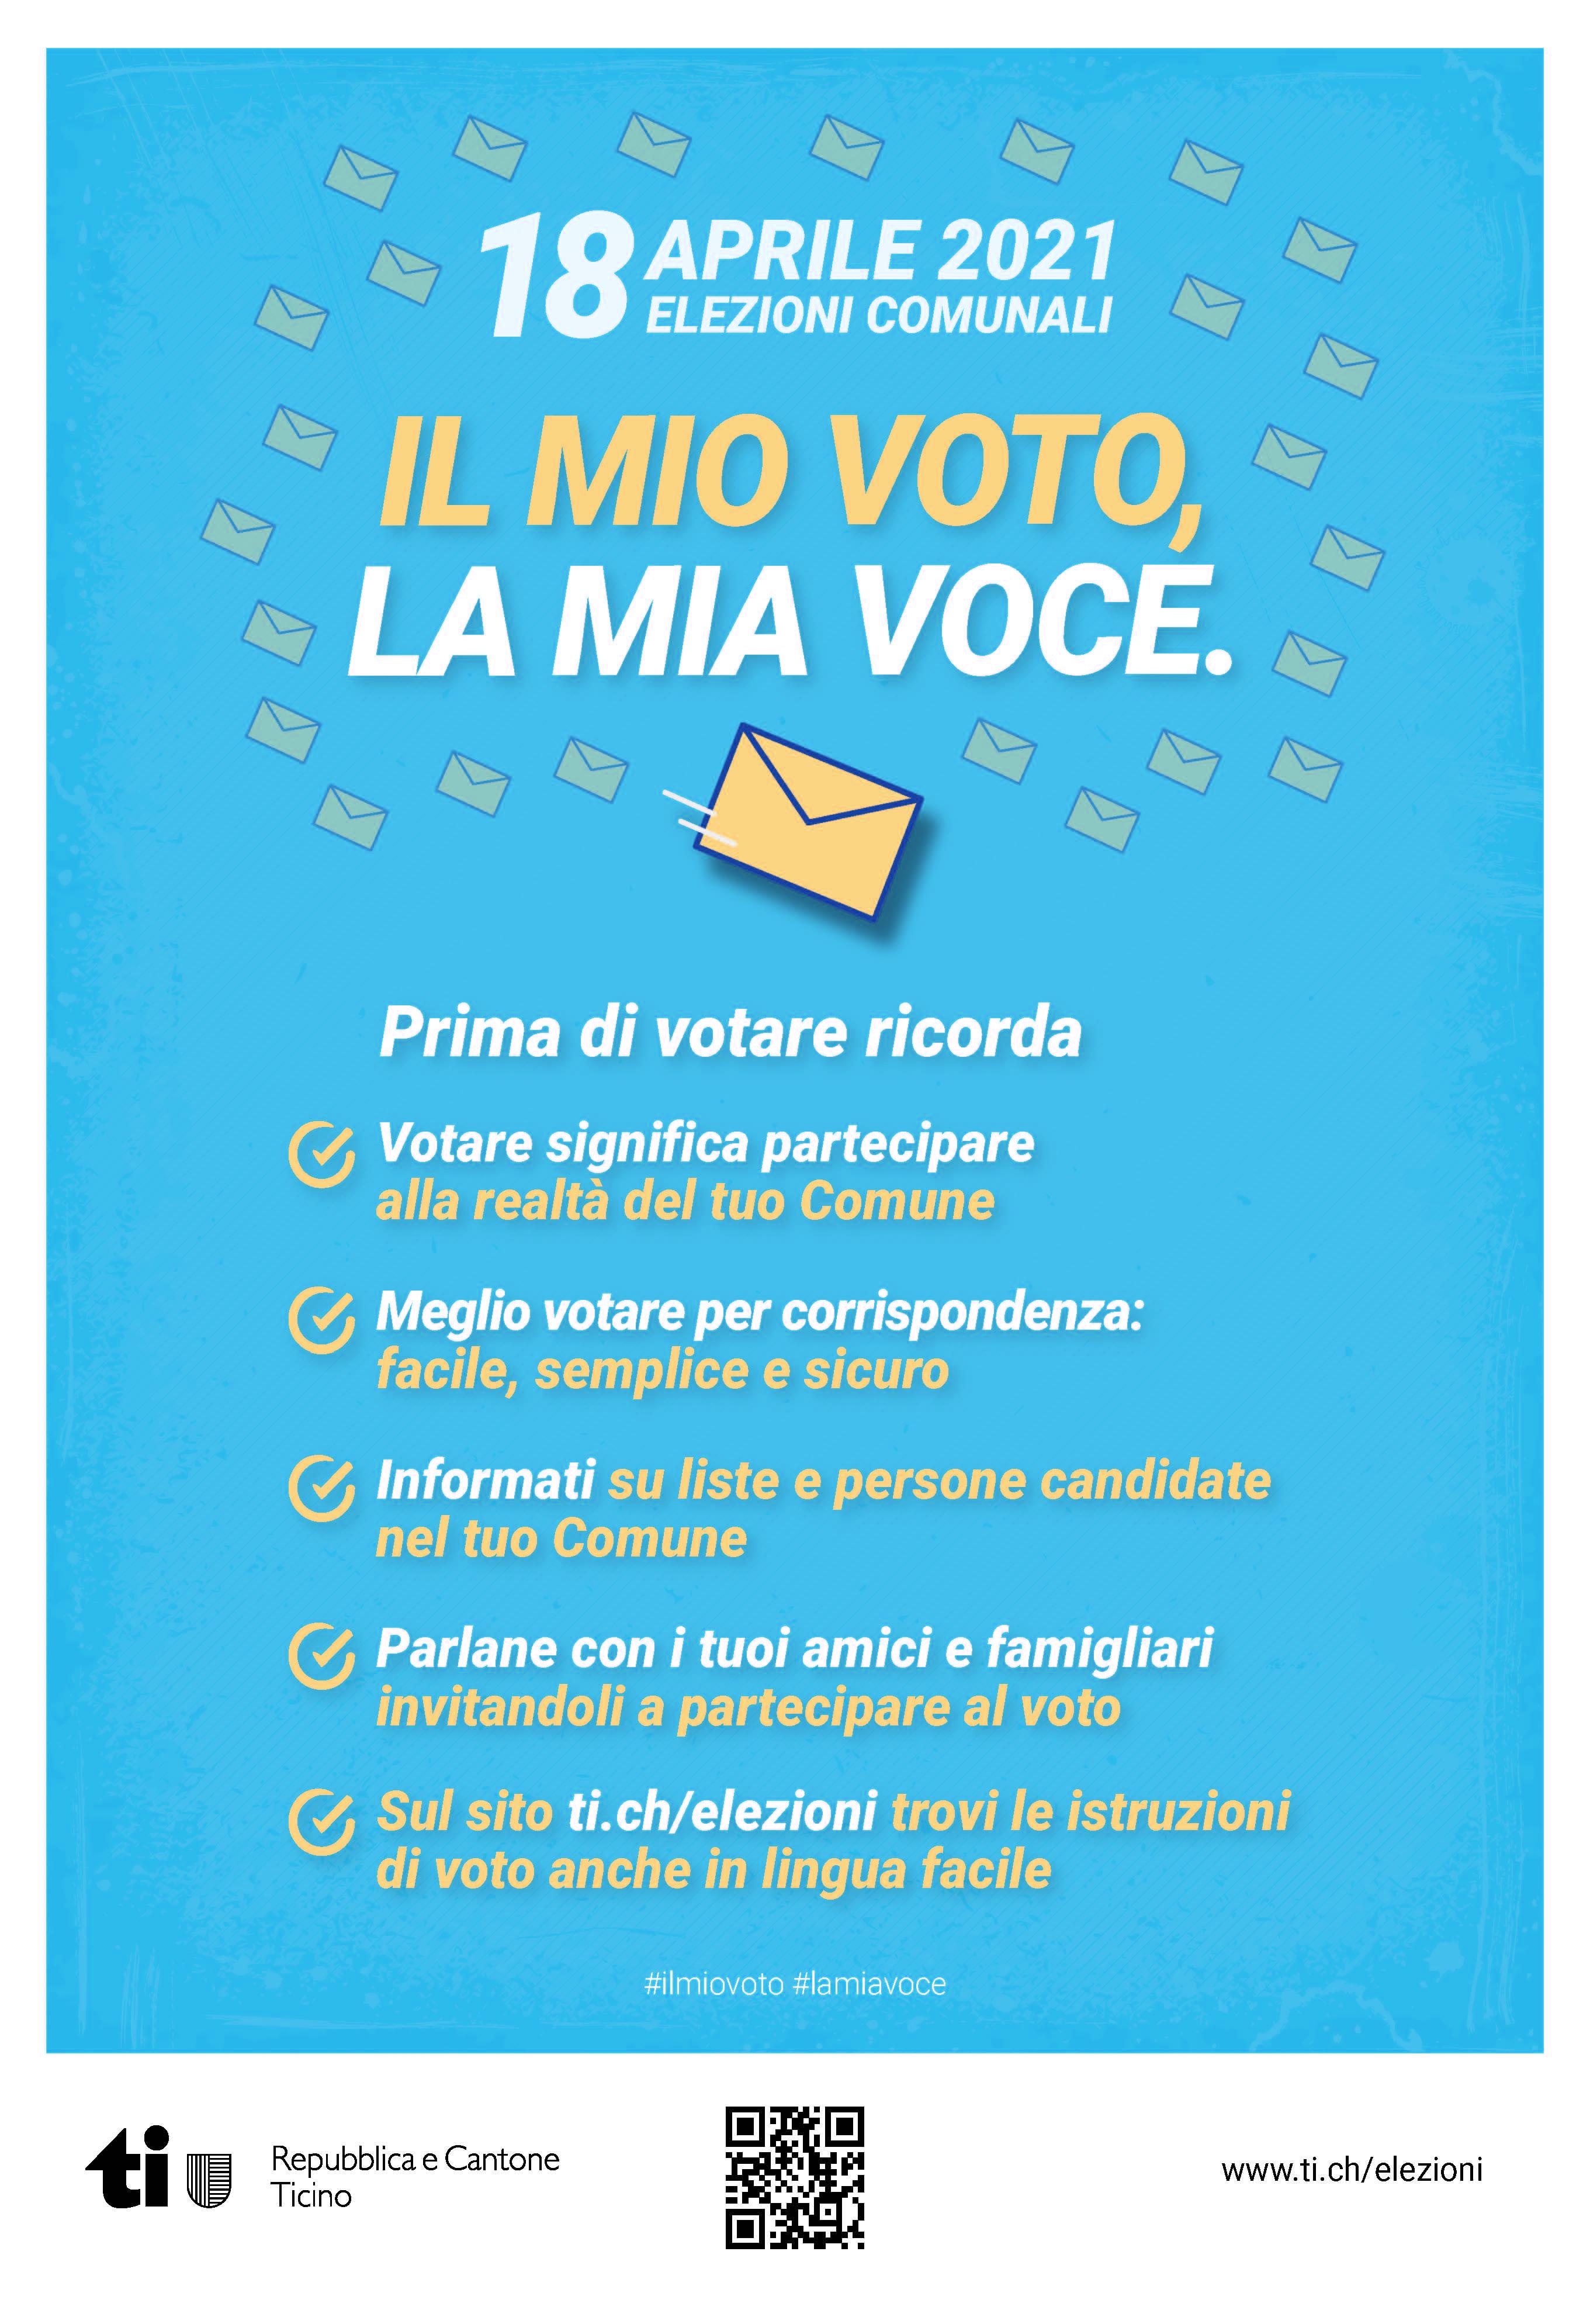 Flyer il mio voto la mia voce